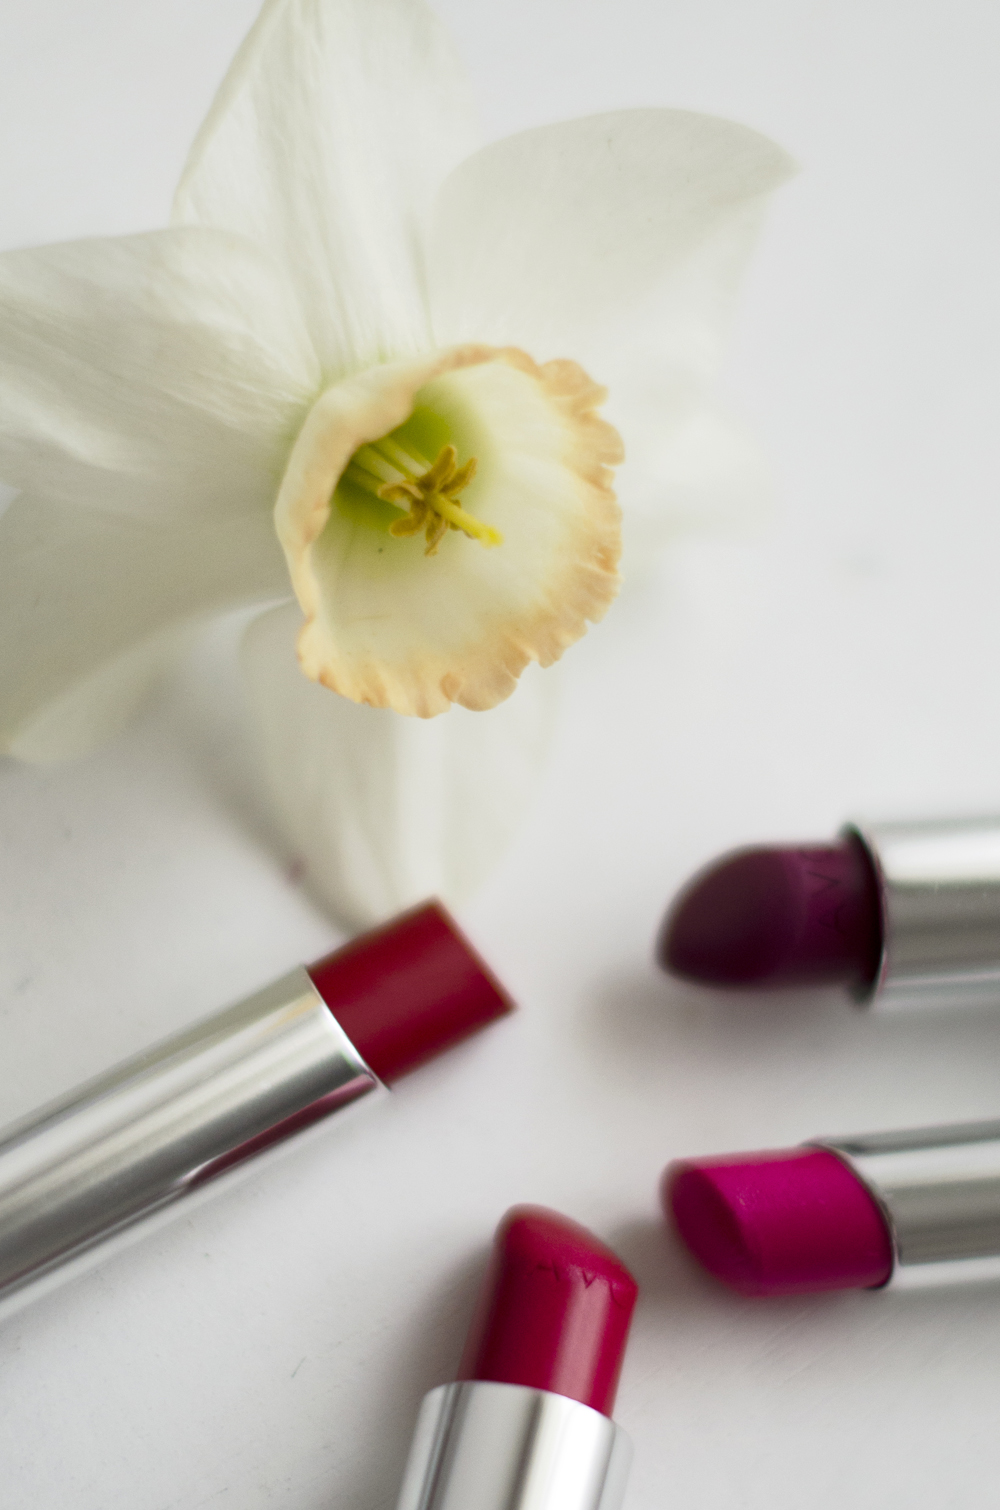 avon cosmetici   concorso avon   rossetti avon  scegliere il rossetto perfetto